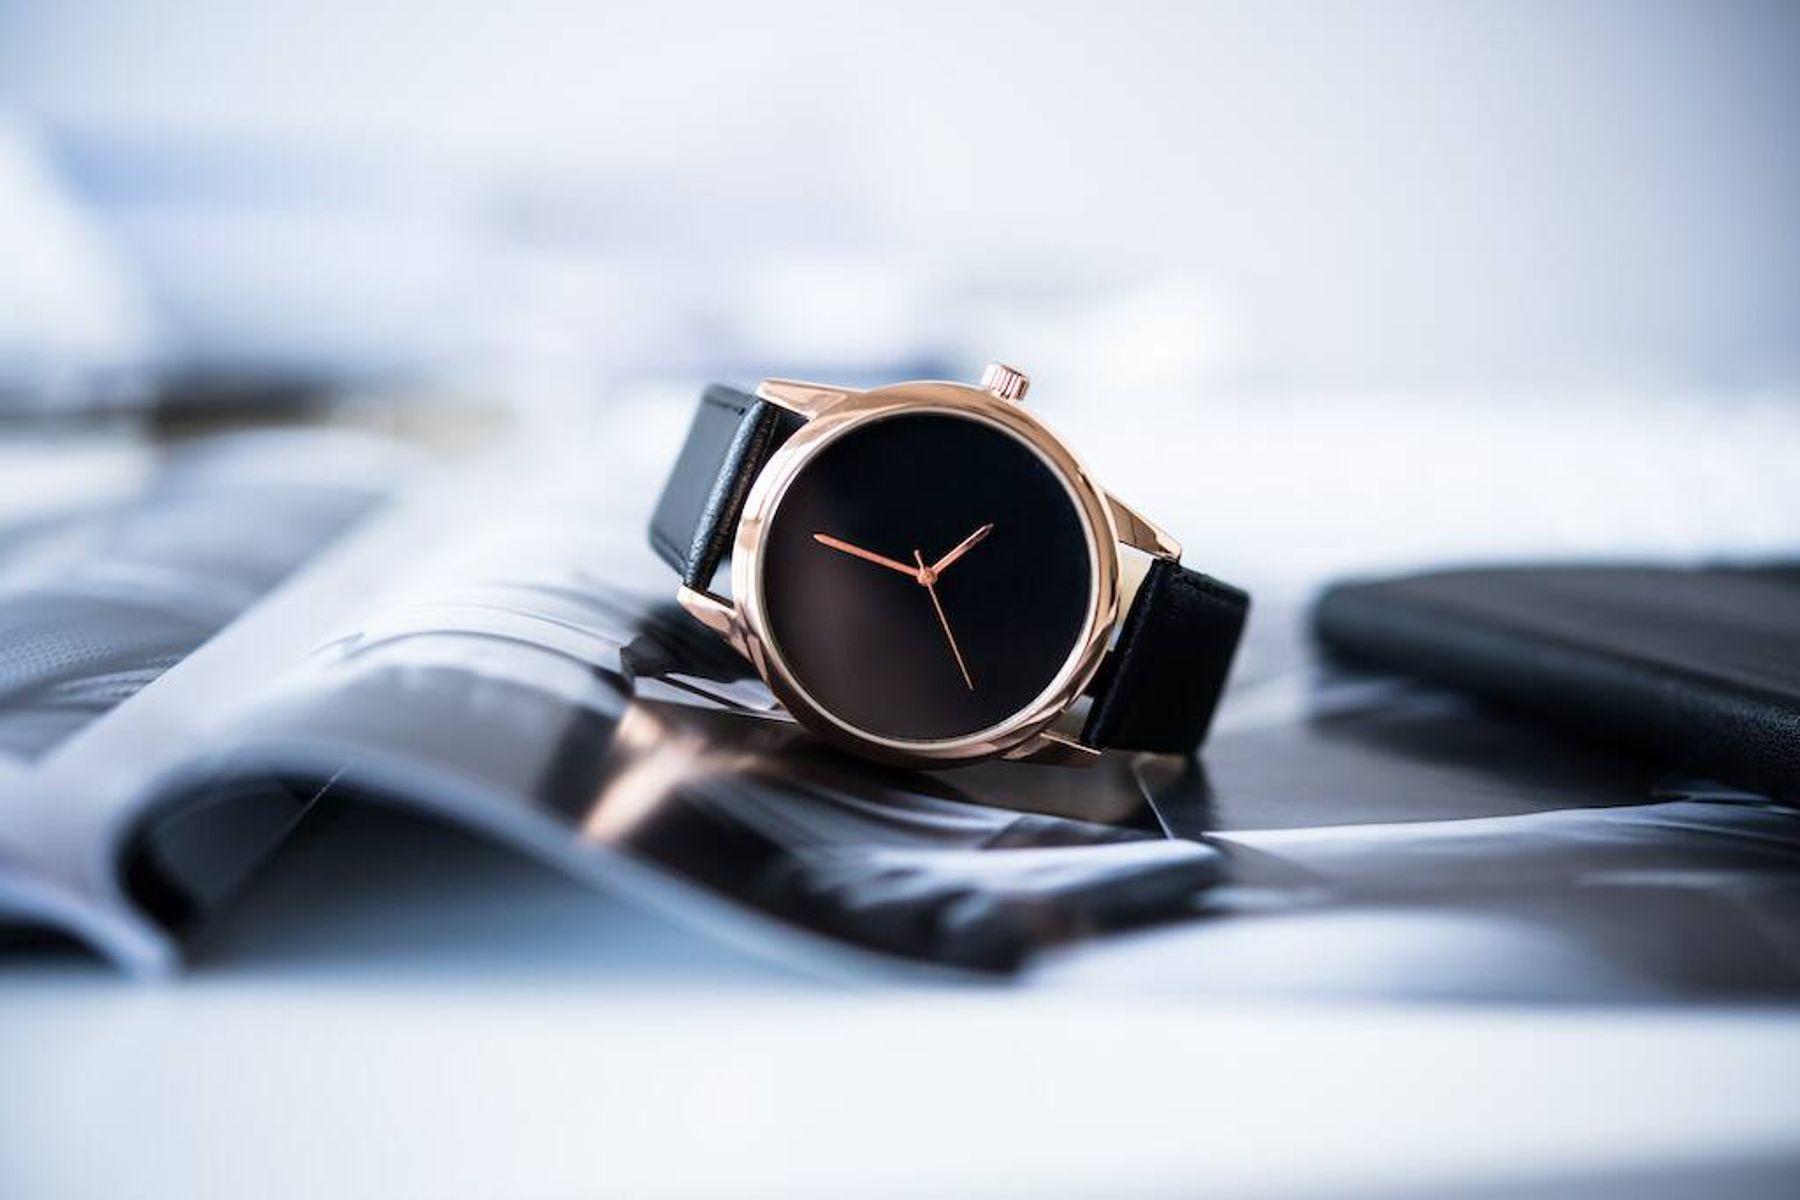 czarno-złoty zegarek na rękę nad otwartym magazynkiem